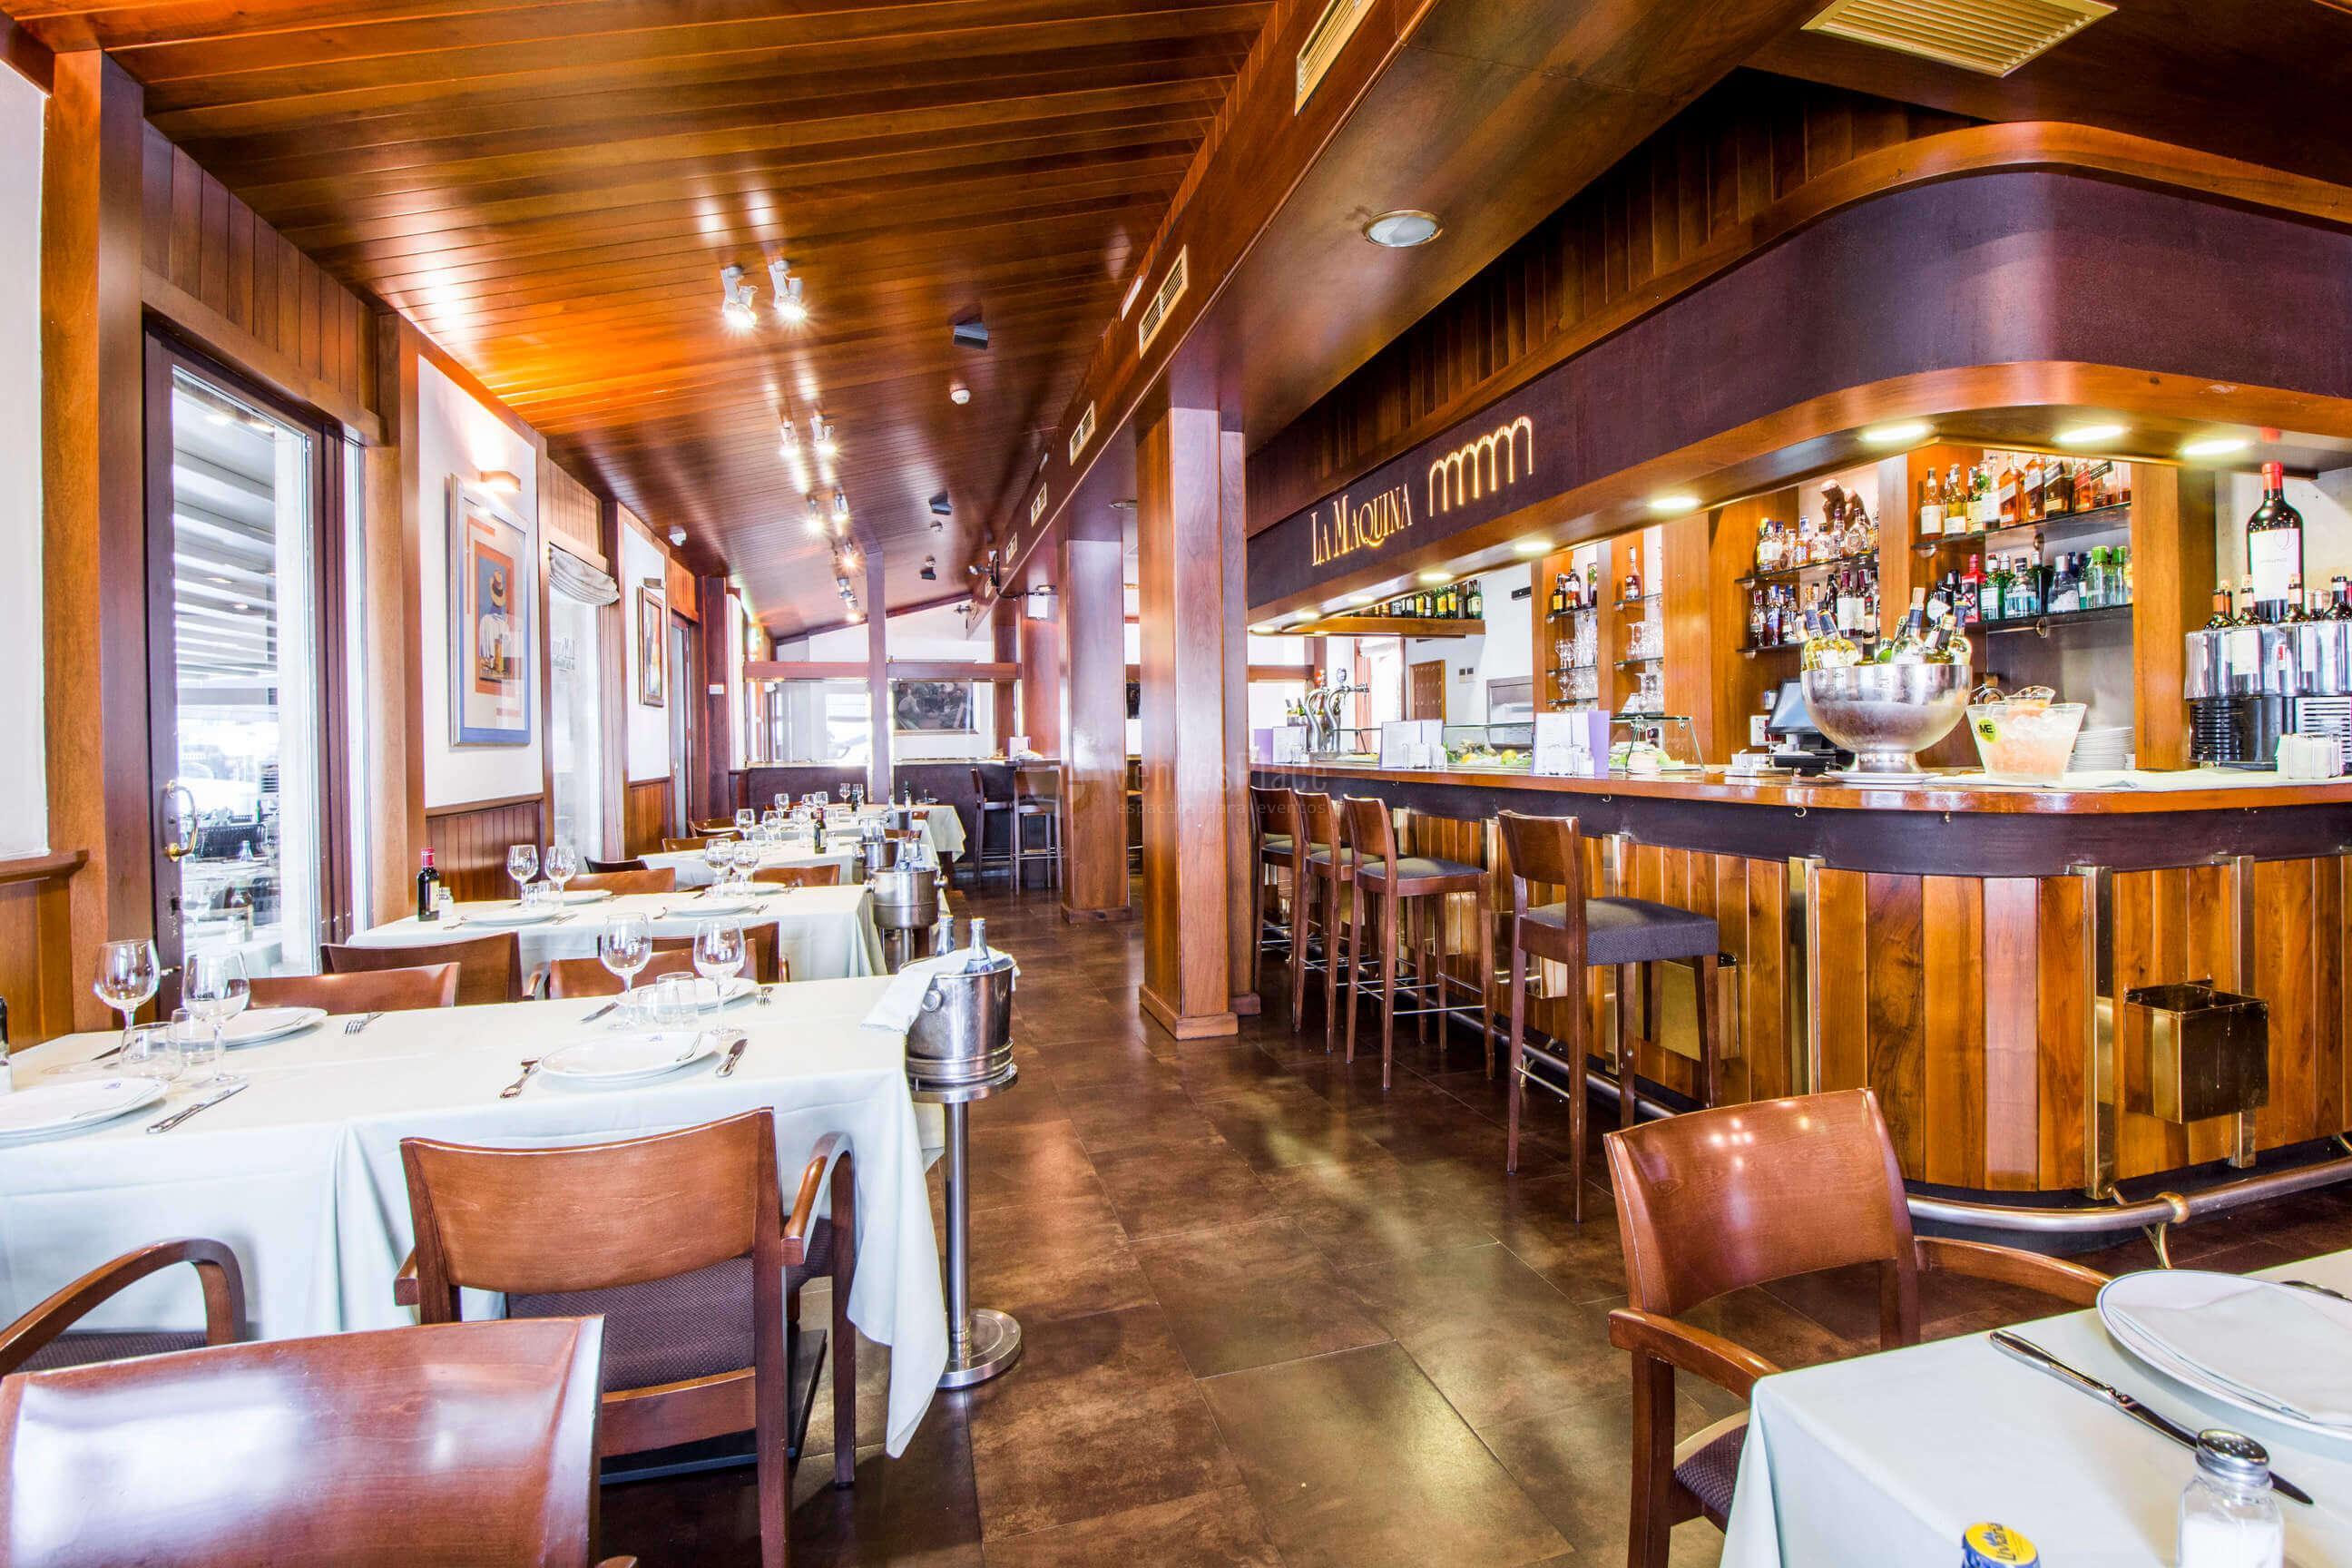 Comuniones y otros eventos familiares en Restaurante La Máquina de la Moraleja - Grupo La Máquina